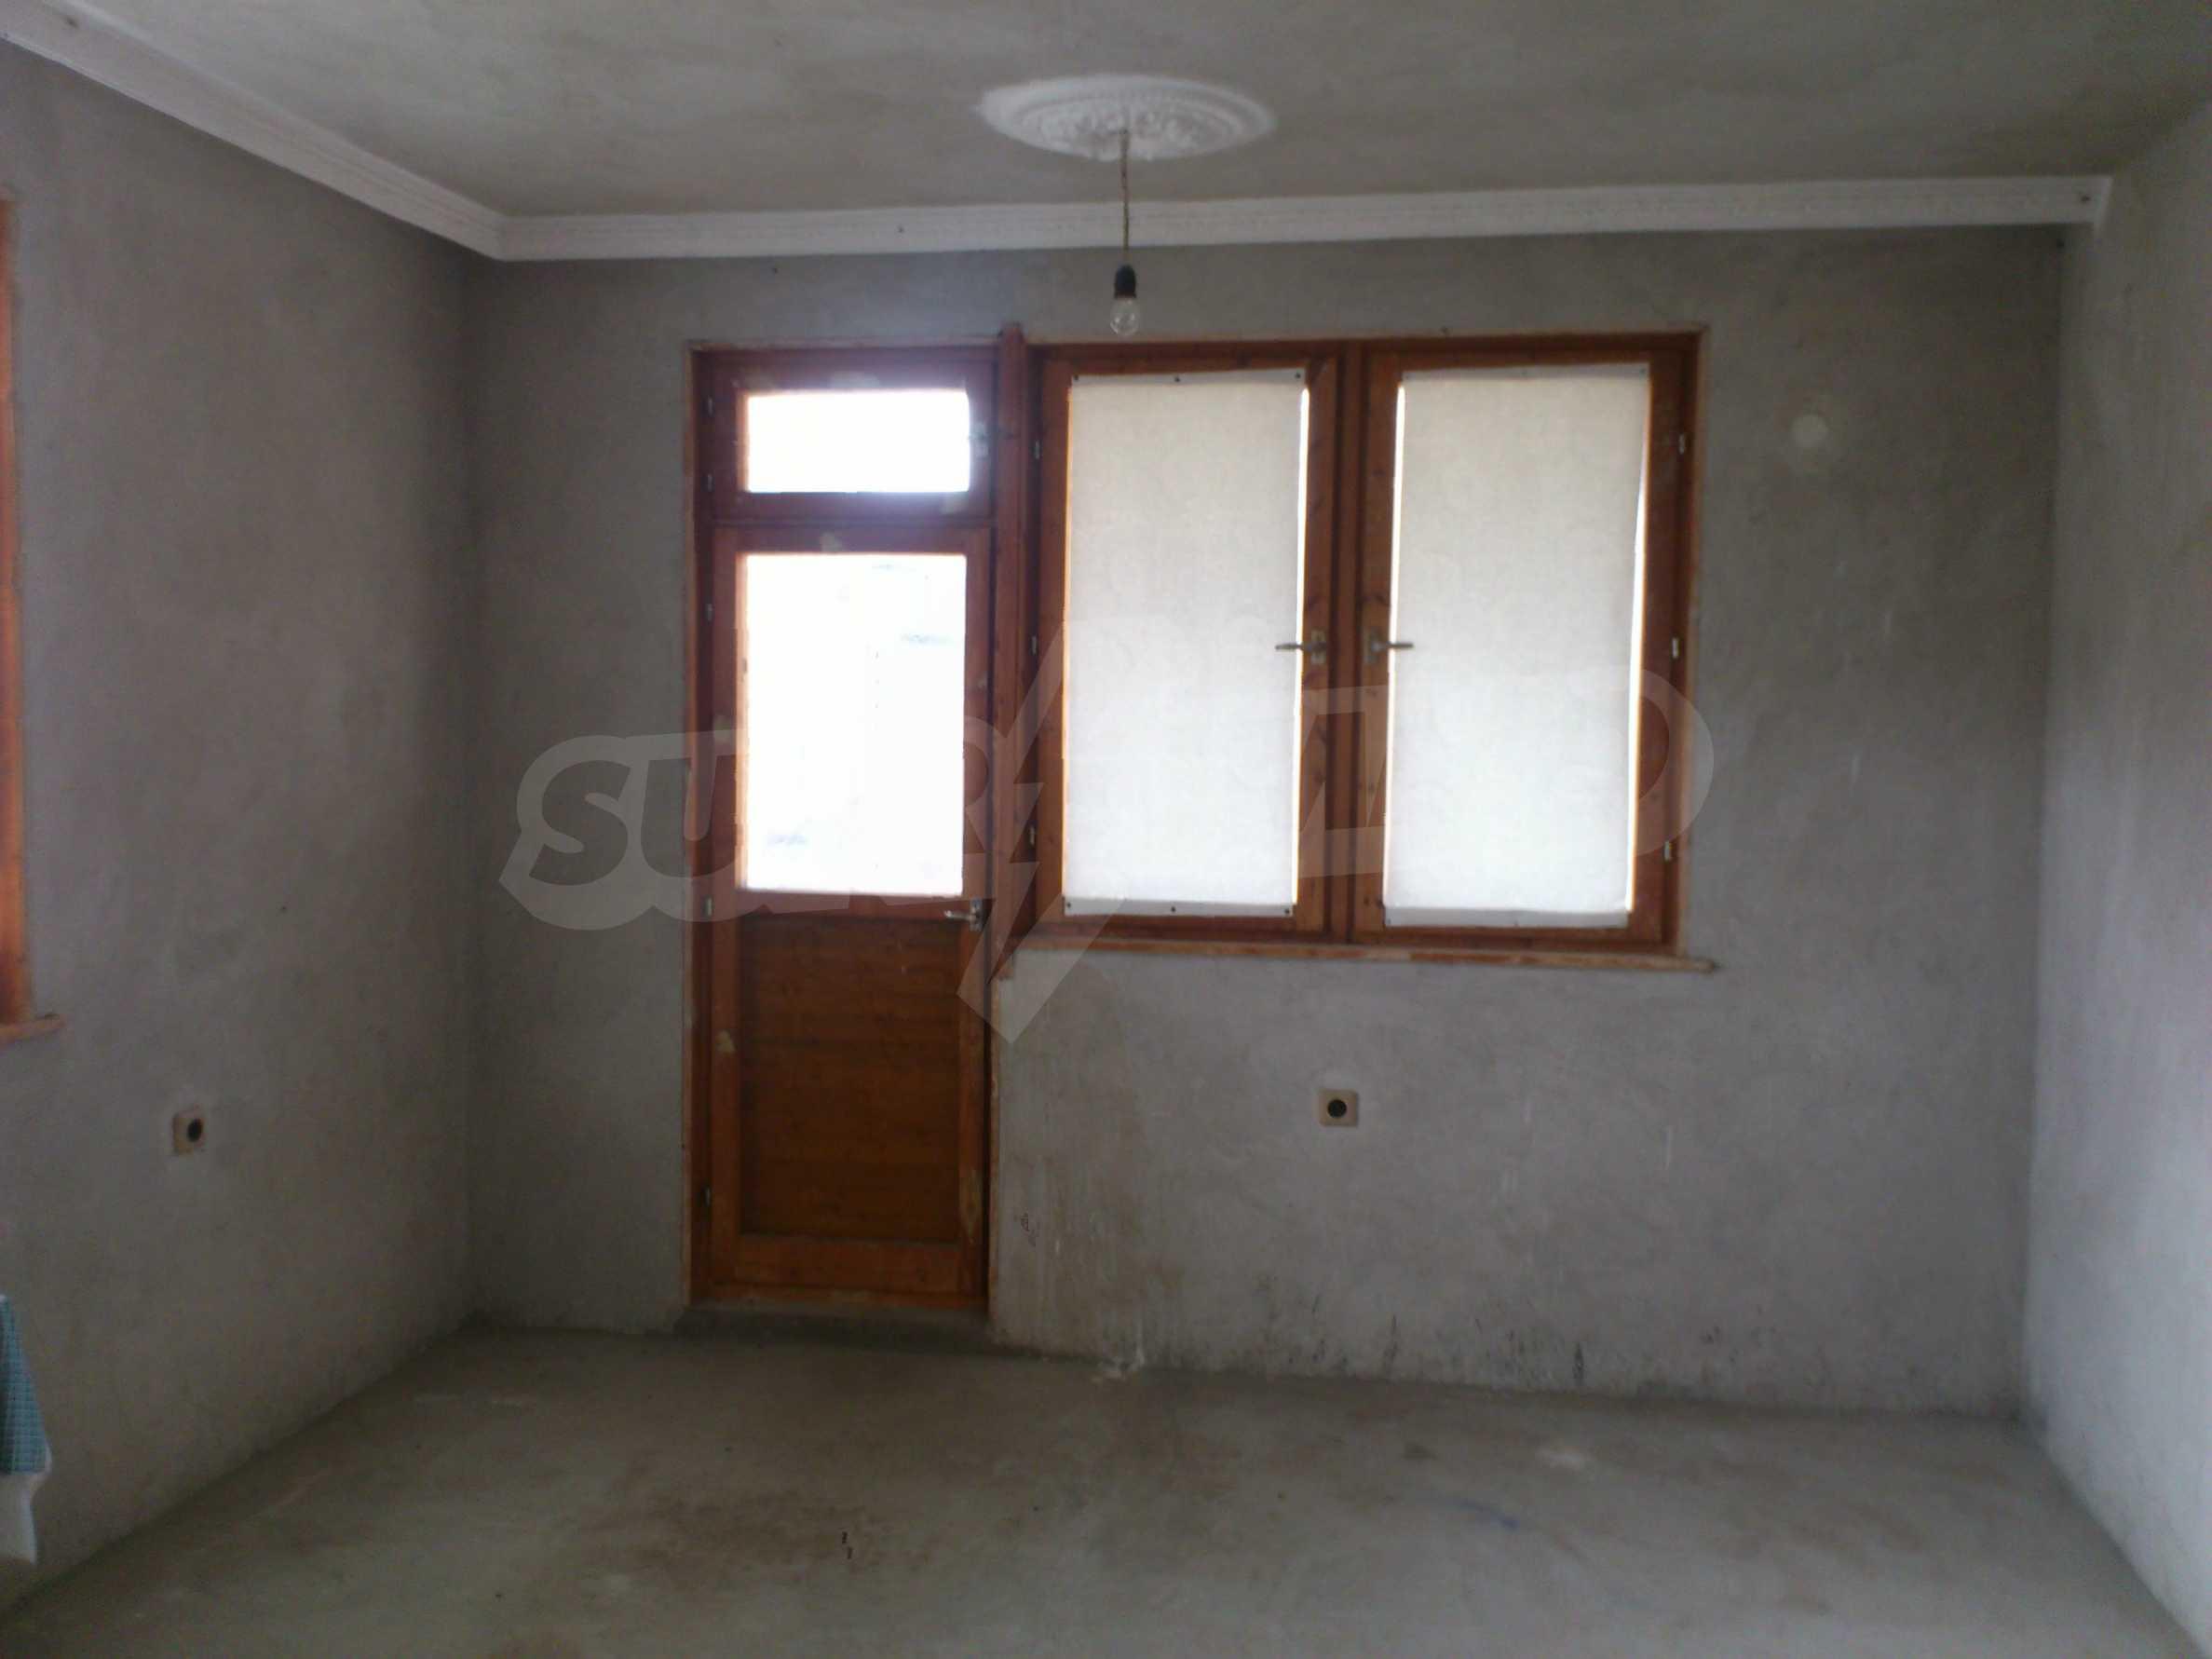 Dreistöckige Villa mit Garage am Flussufer und 32 km von Veliko Tarnovo entfernt 43